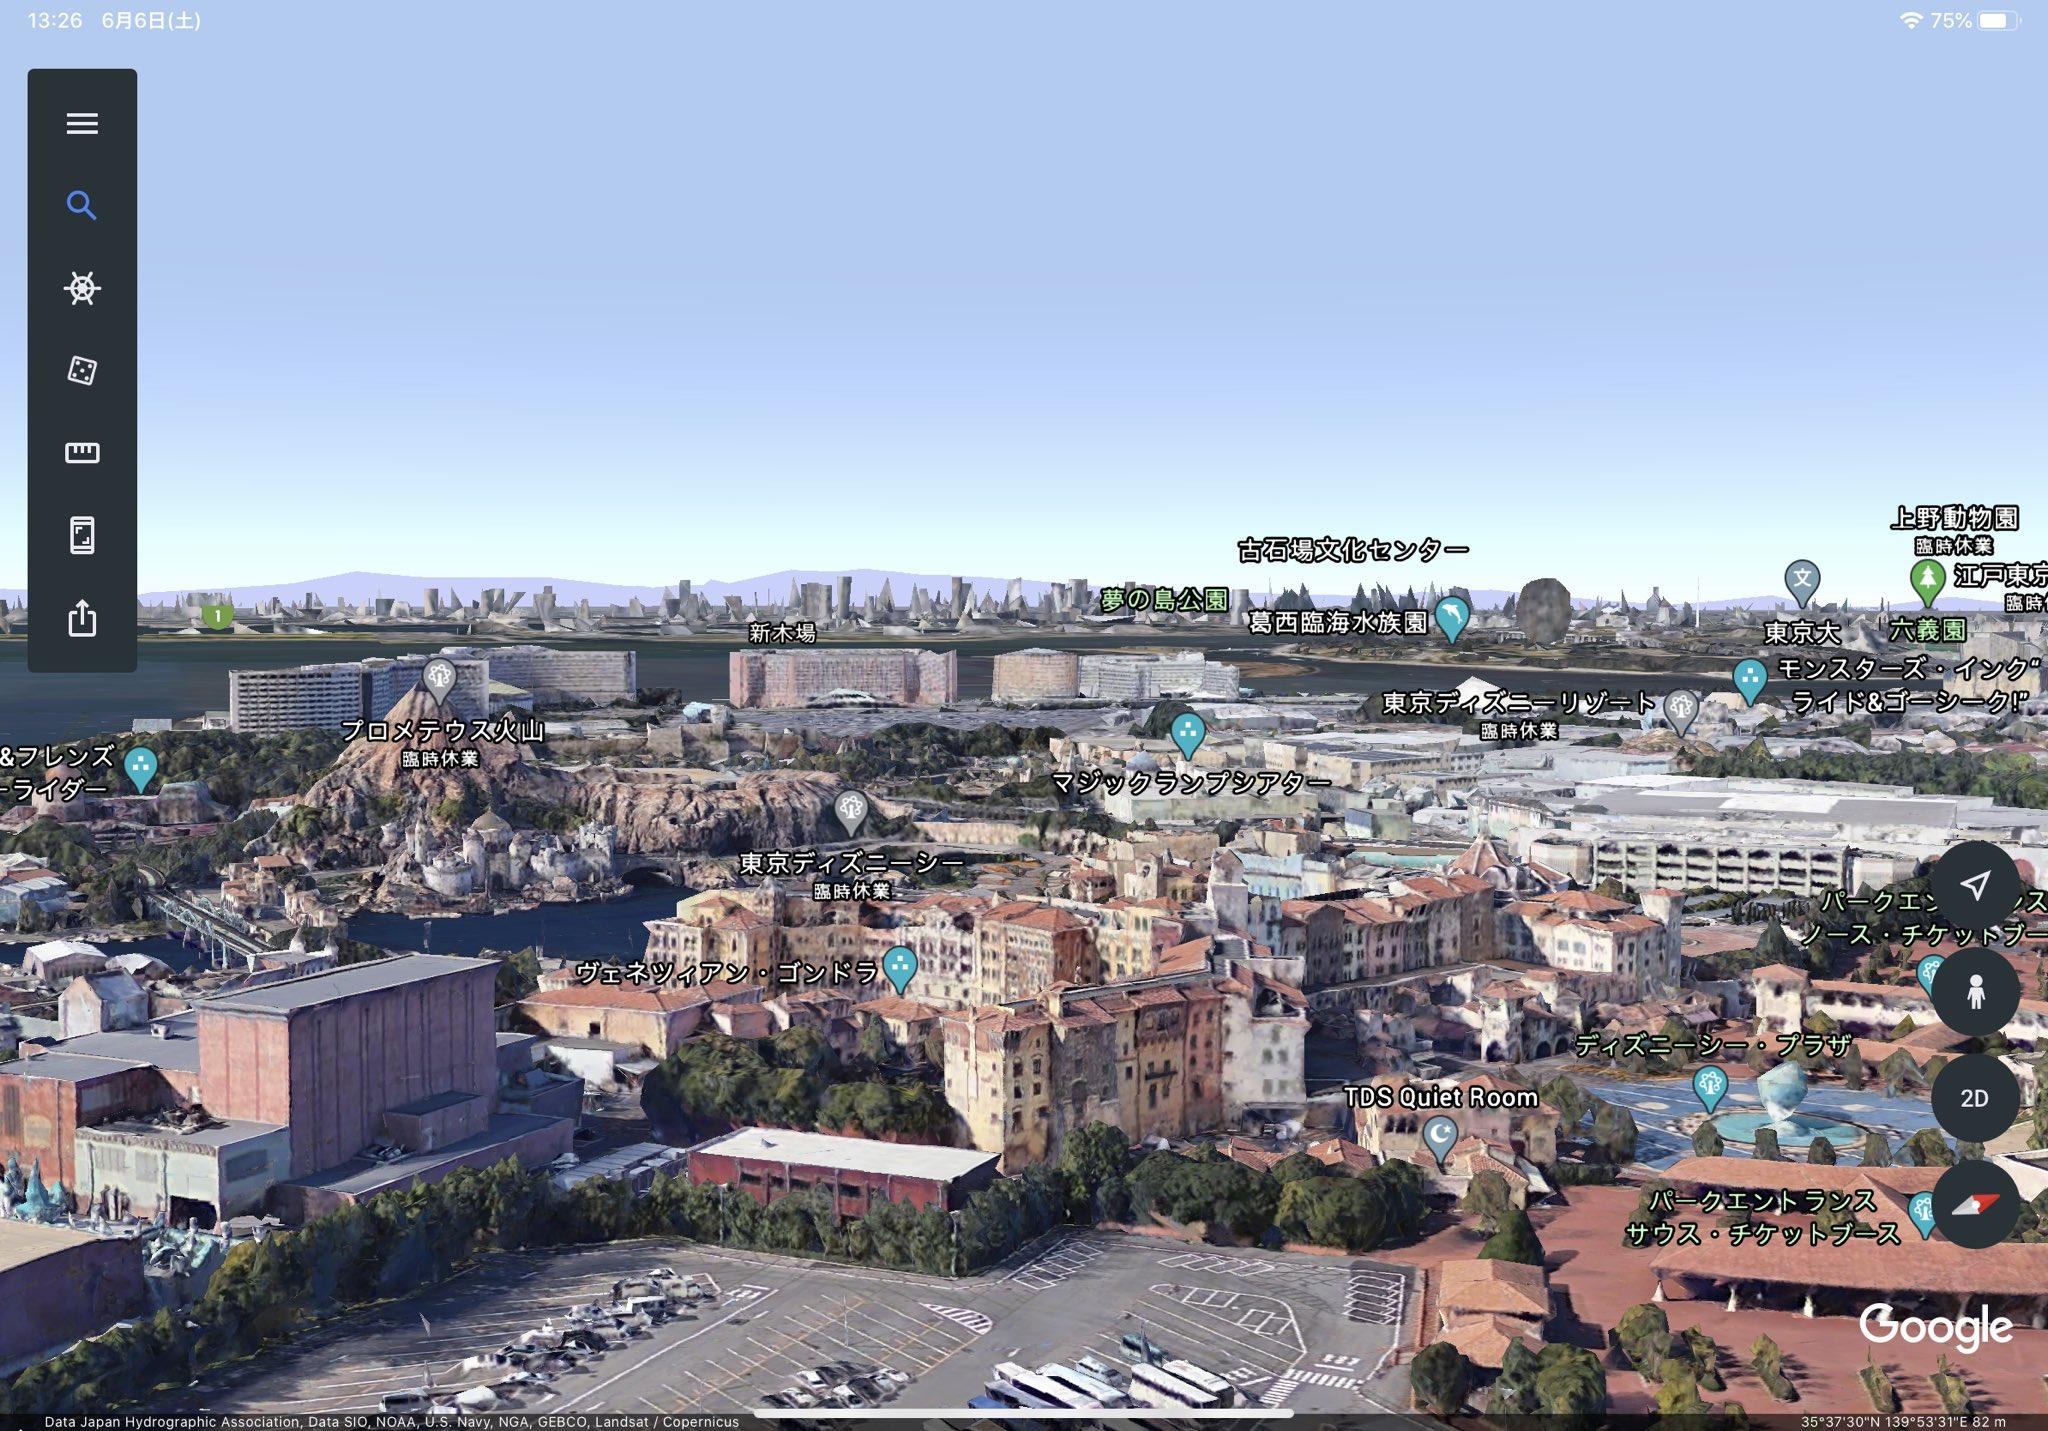 千葉だけど東京と名乗ってる東京ディズニーリゾート。Google Earth でちゃんと3Dになってる。 https://t.co/ZOmm1eC8bs